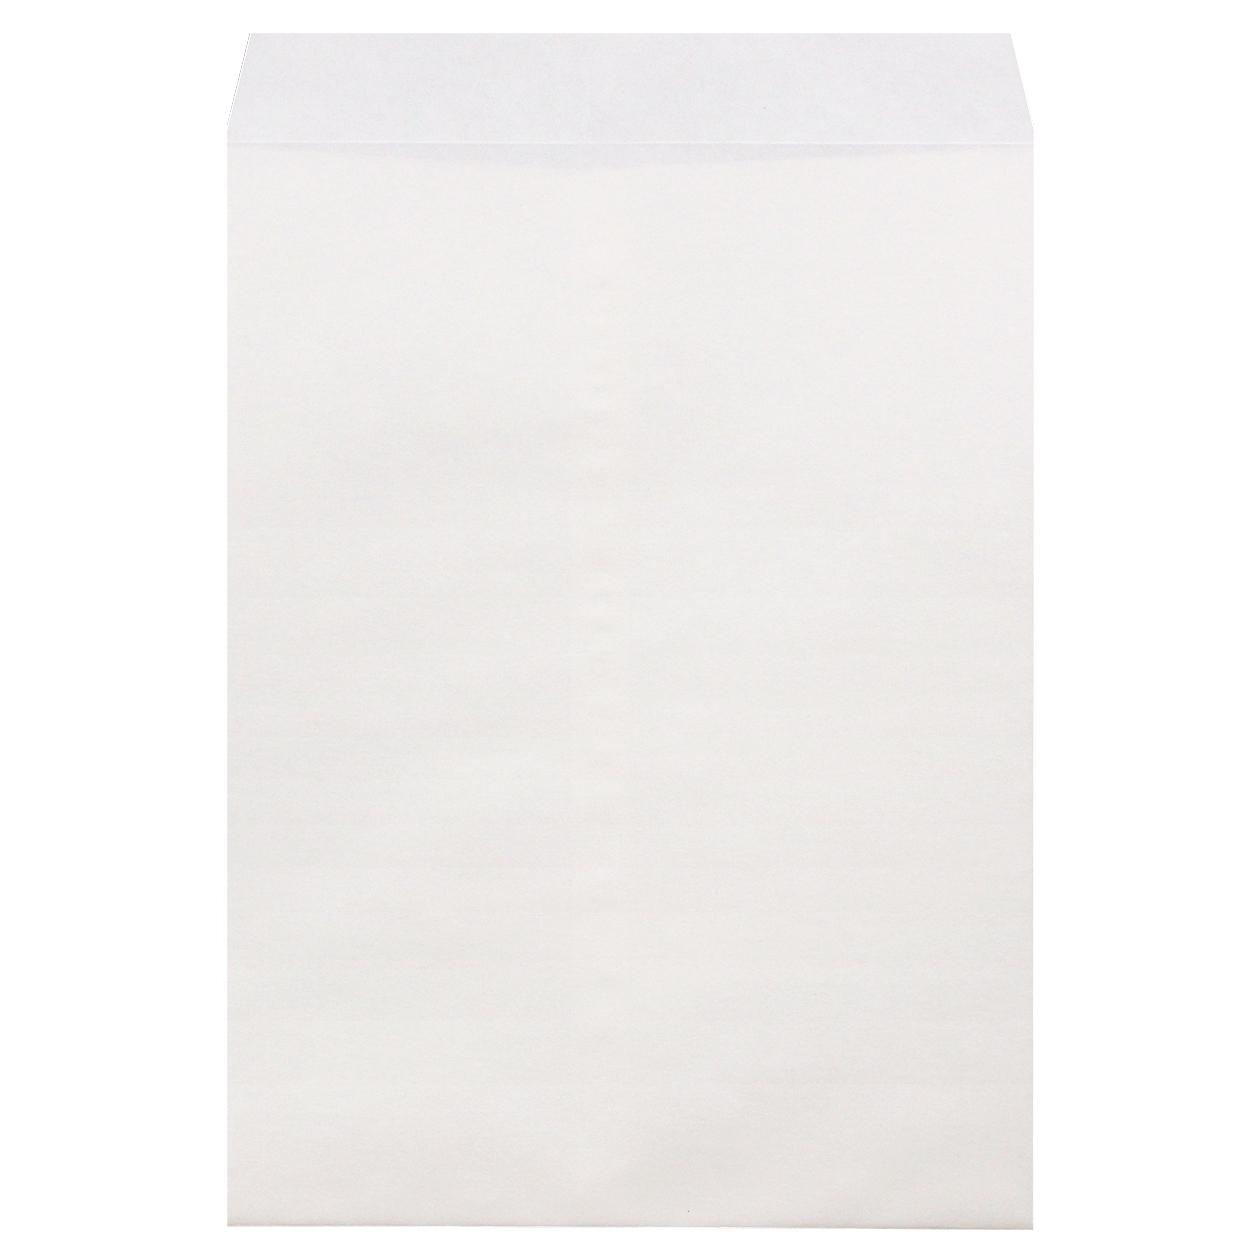 角0封筒 HAGURUMA Basic プレインホワイト 100g センター貼